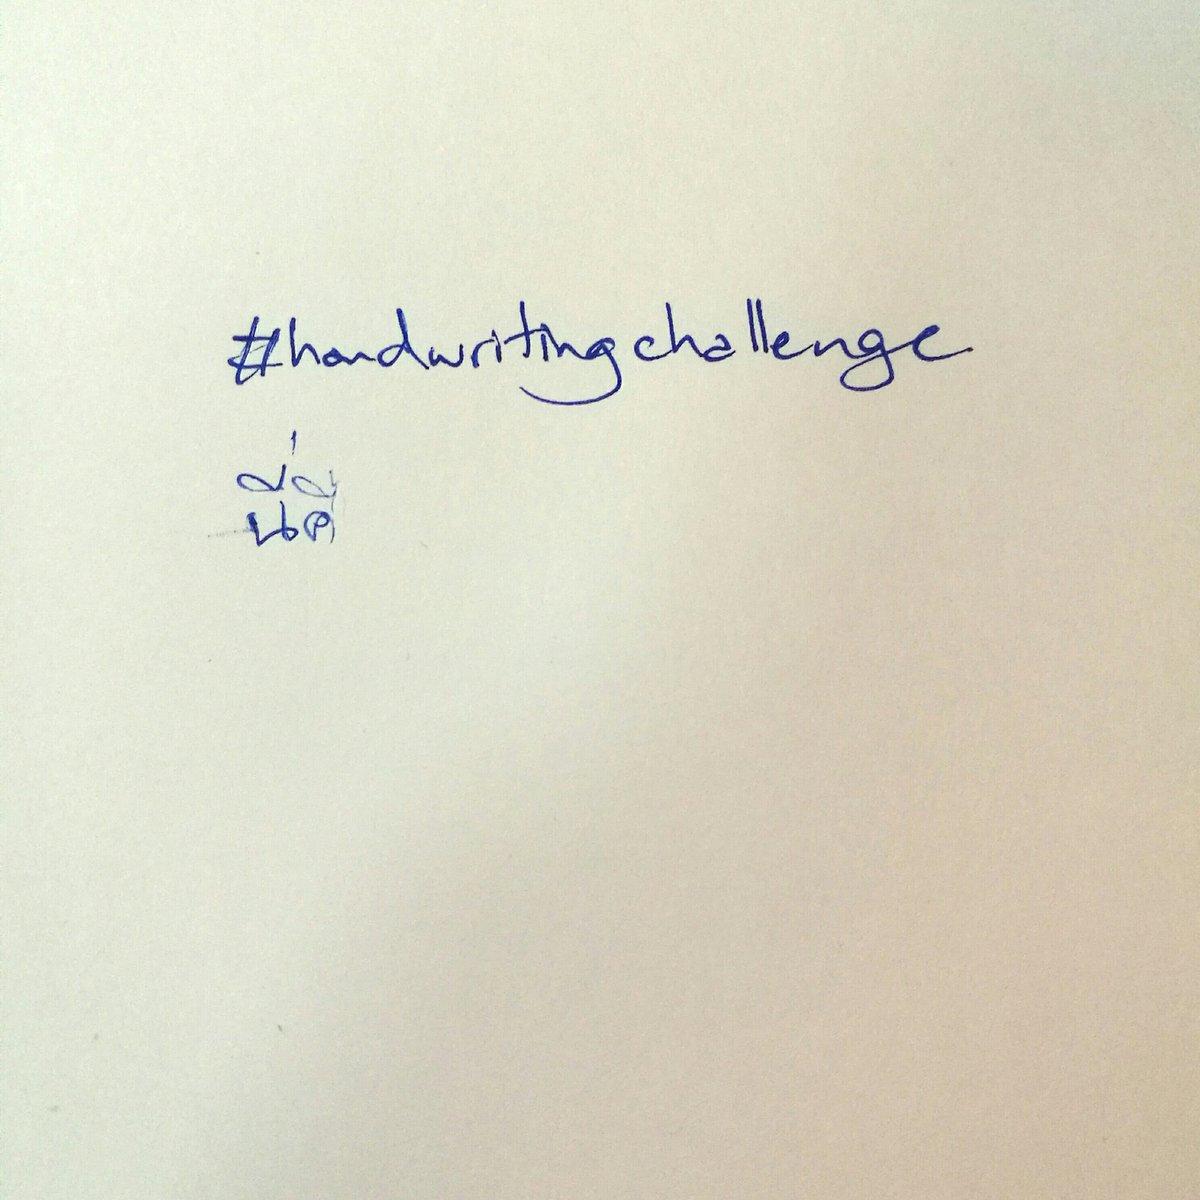 สัส หมึกหมด #handwritingchallenge https://t.co/J4VfQM7Lcu